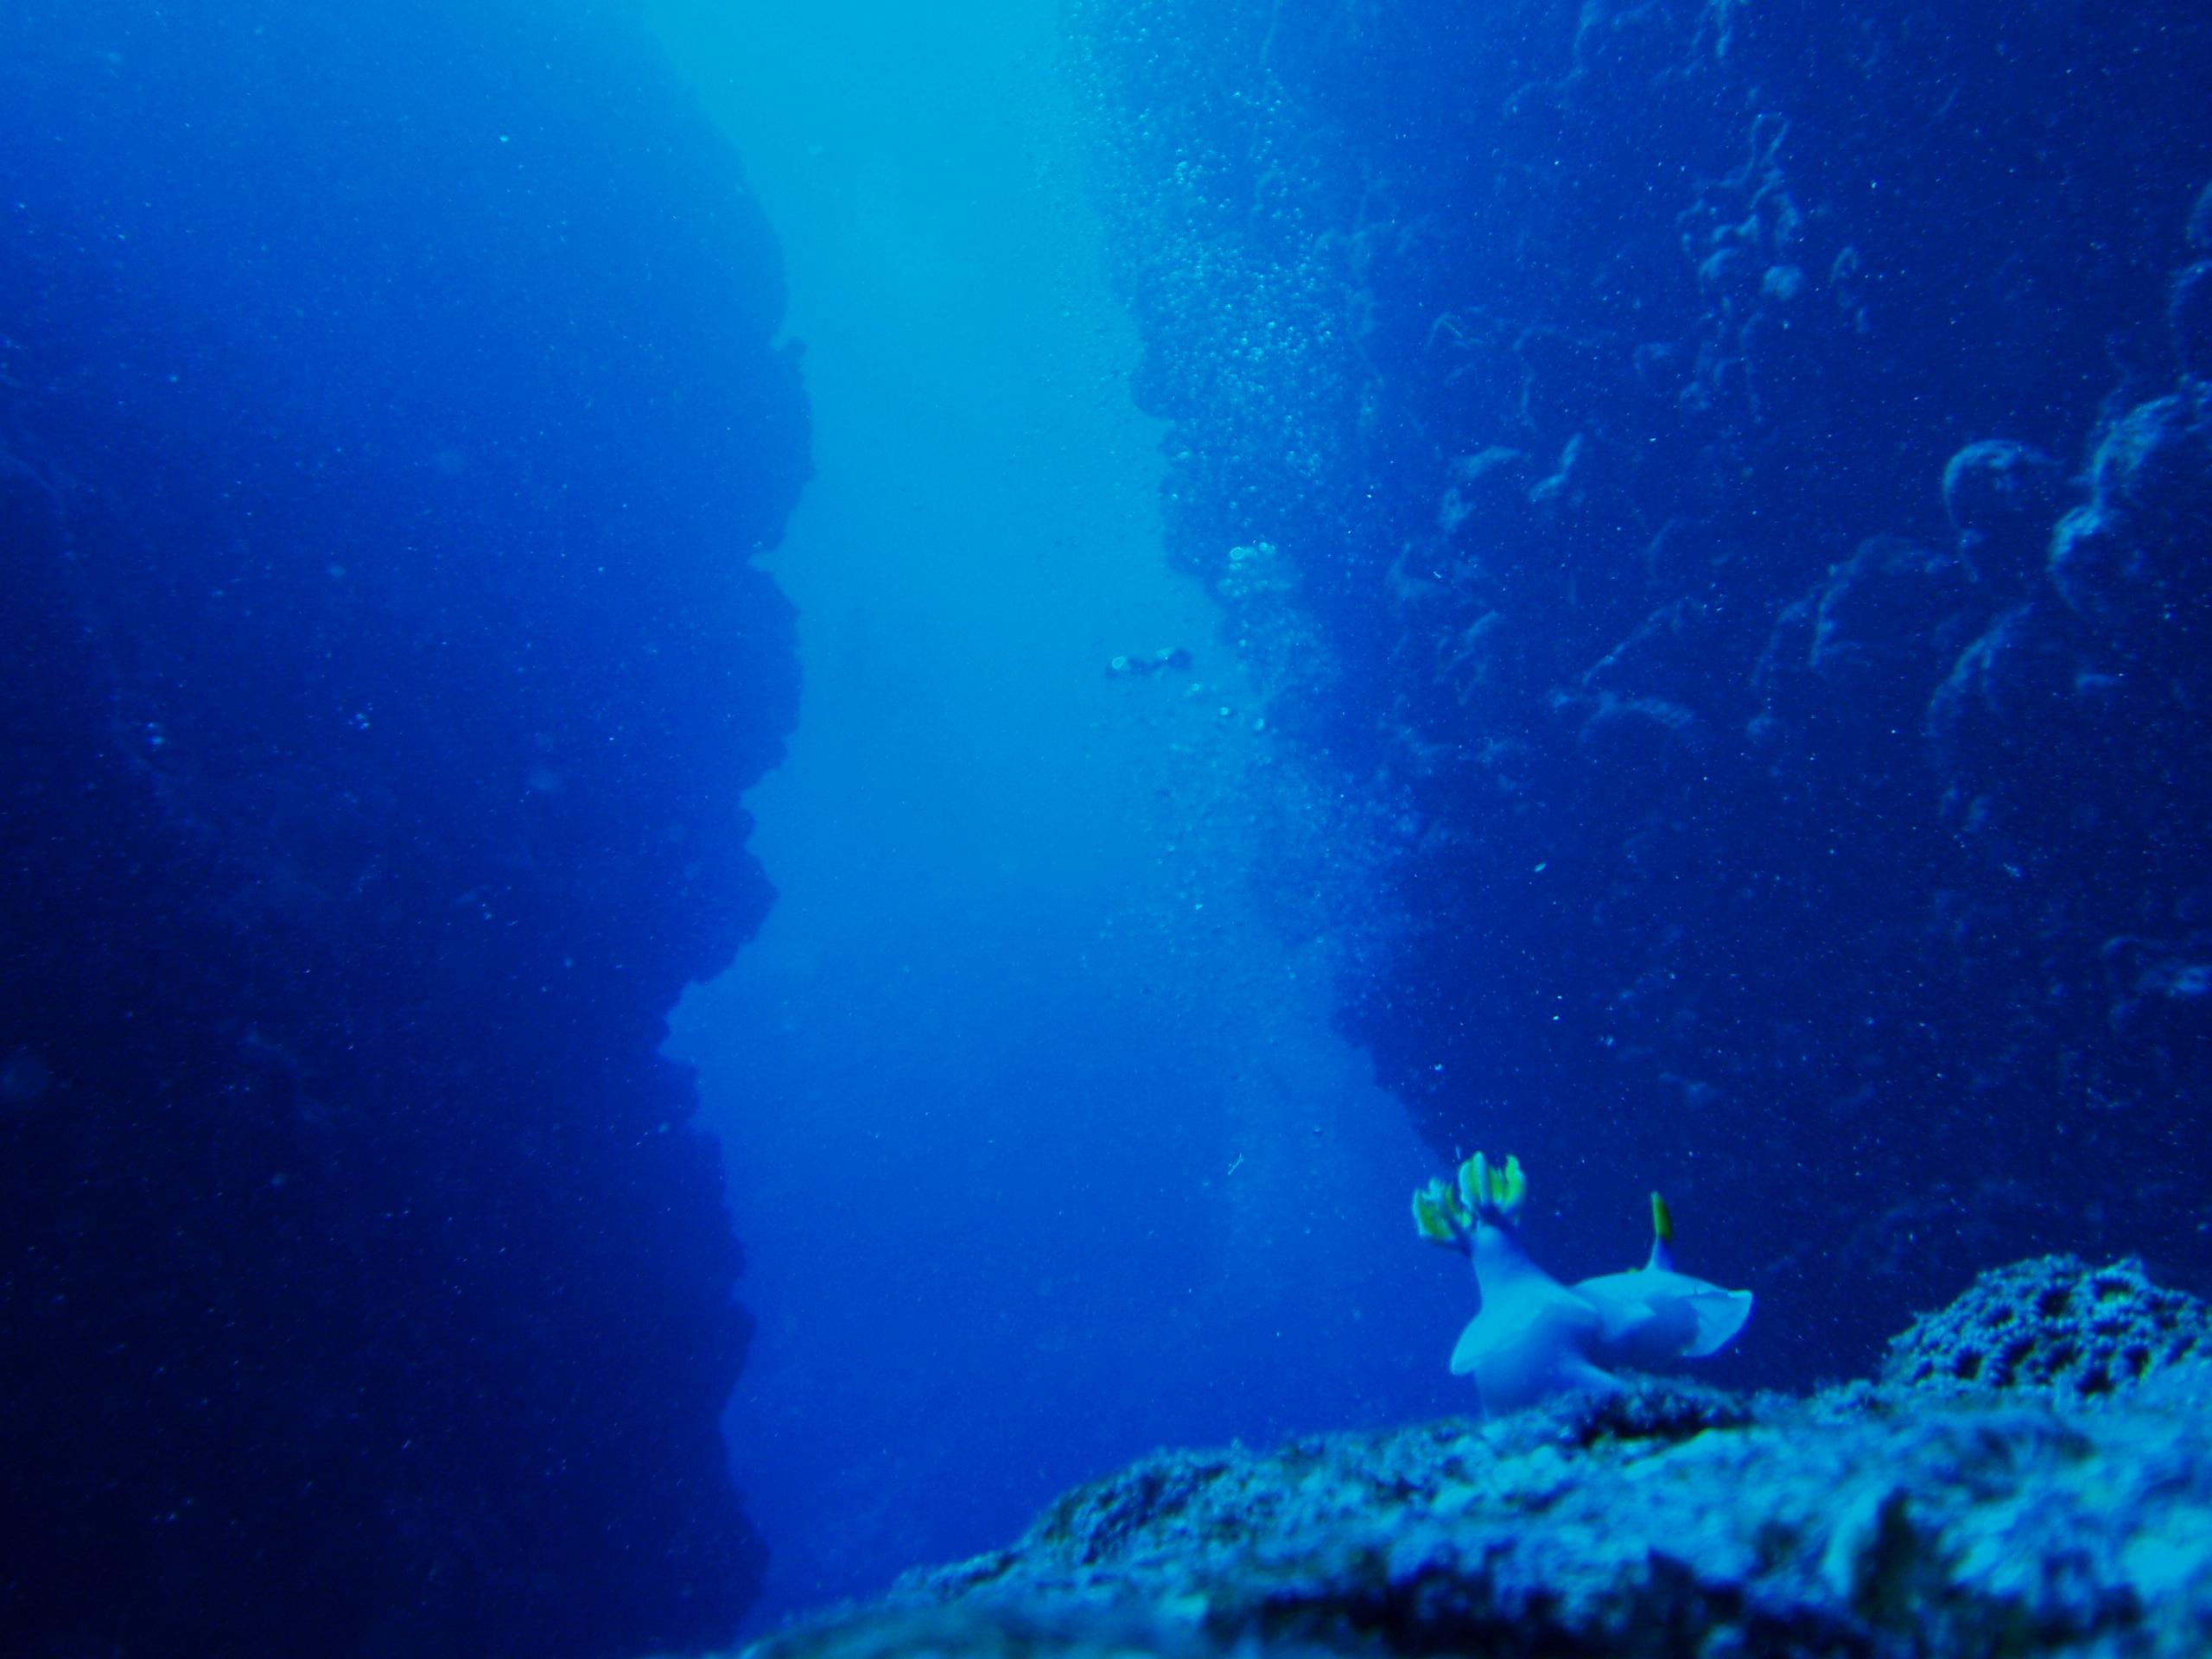 7月31日 ポイント1 ナカチンシ ポイント2 久場キャニオン 水温28℃ 透明度25m〜30m